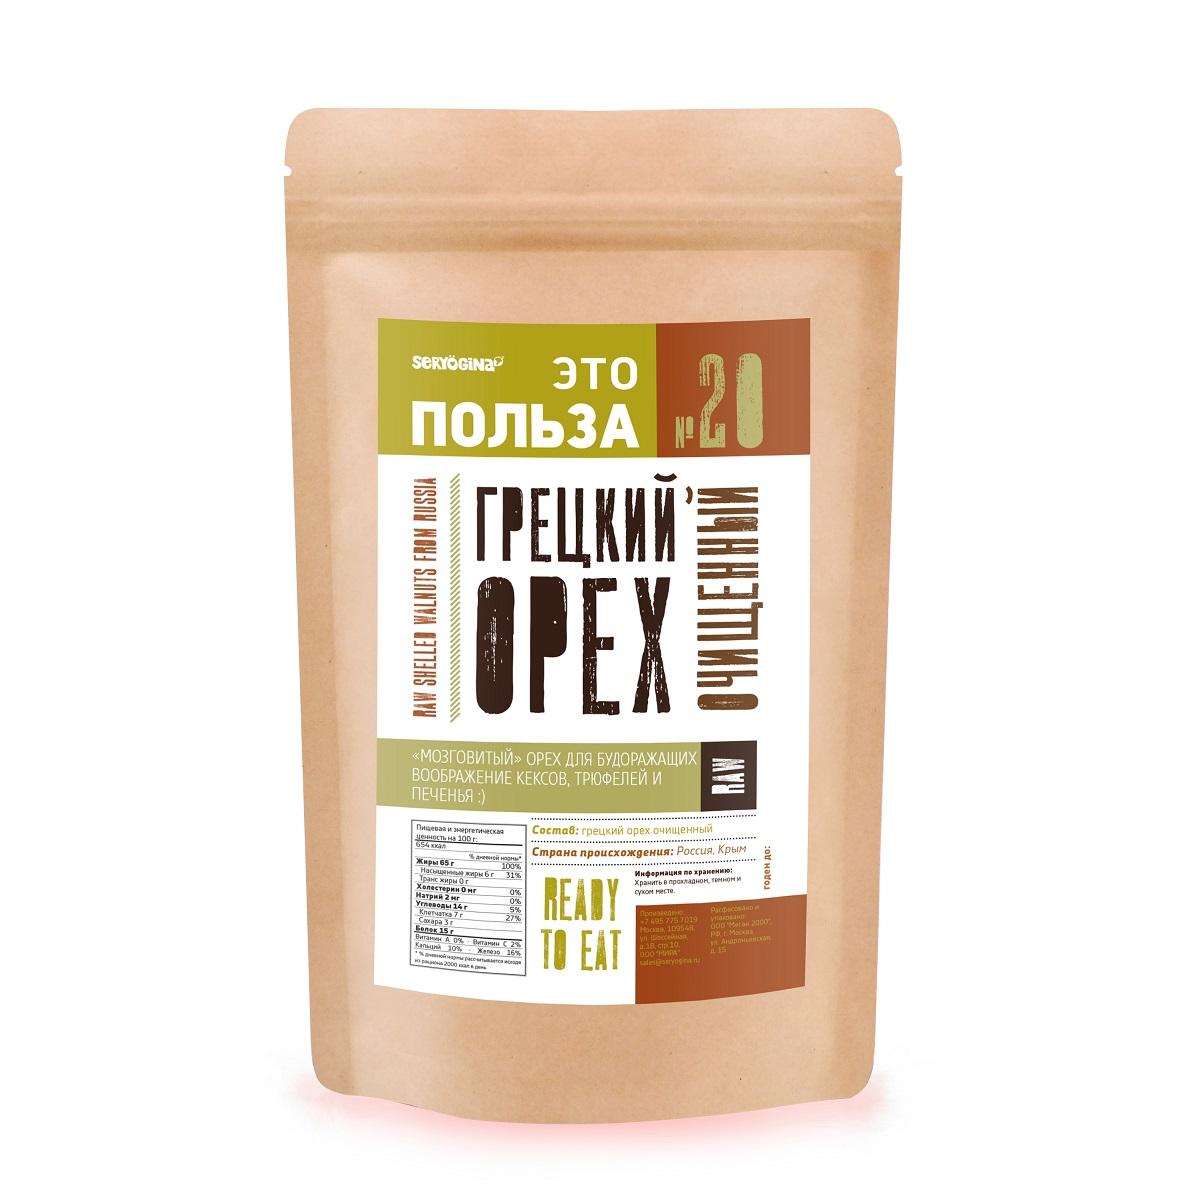 Seryogina Грецкий орех очищенный, 1000 г8850813311013В орехах около 70% жира, большая часть этих жиров – ненасыщенные, а значит, полезные. Антиоксиданты, содержащиеся в грецких орехах, в 2-15 раз эффективнее витамина Е, известного своими способностями противостоять естественным окислительным процессам в организме.